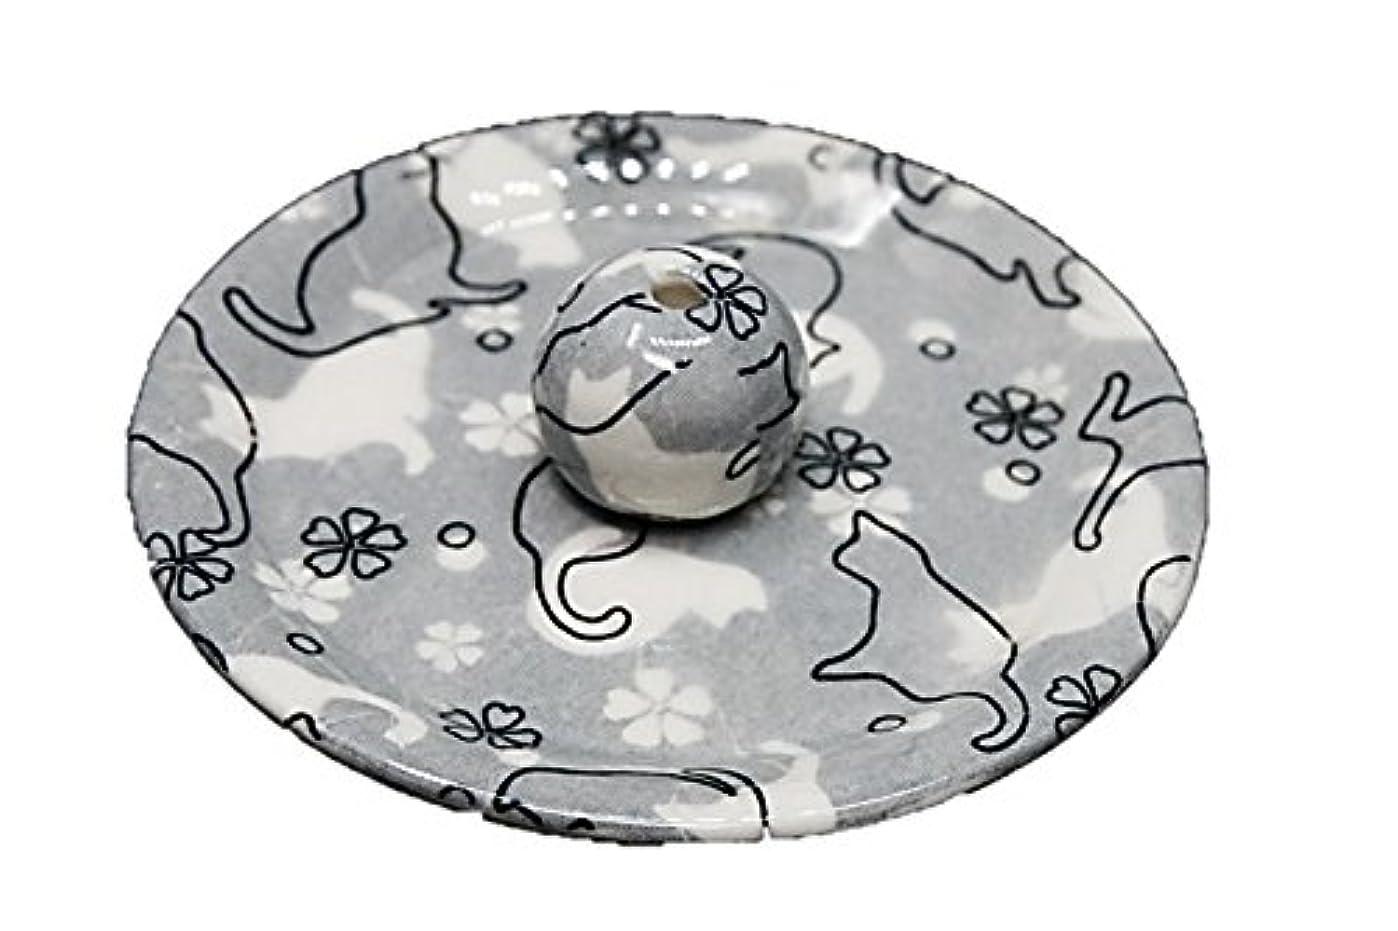 平方州泳ぐ9-48 ねこランド(グレー) 9cm香皿 日本製 お香立て 陶器 猫柄